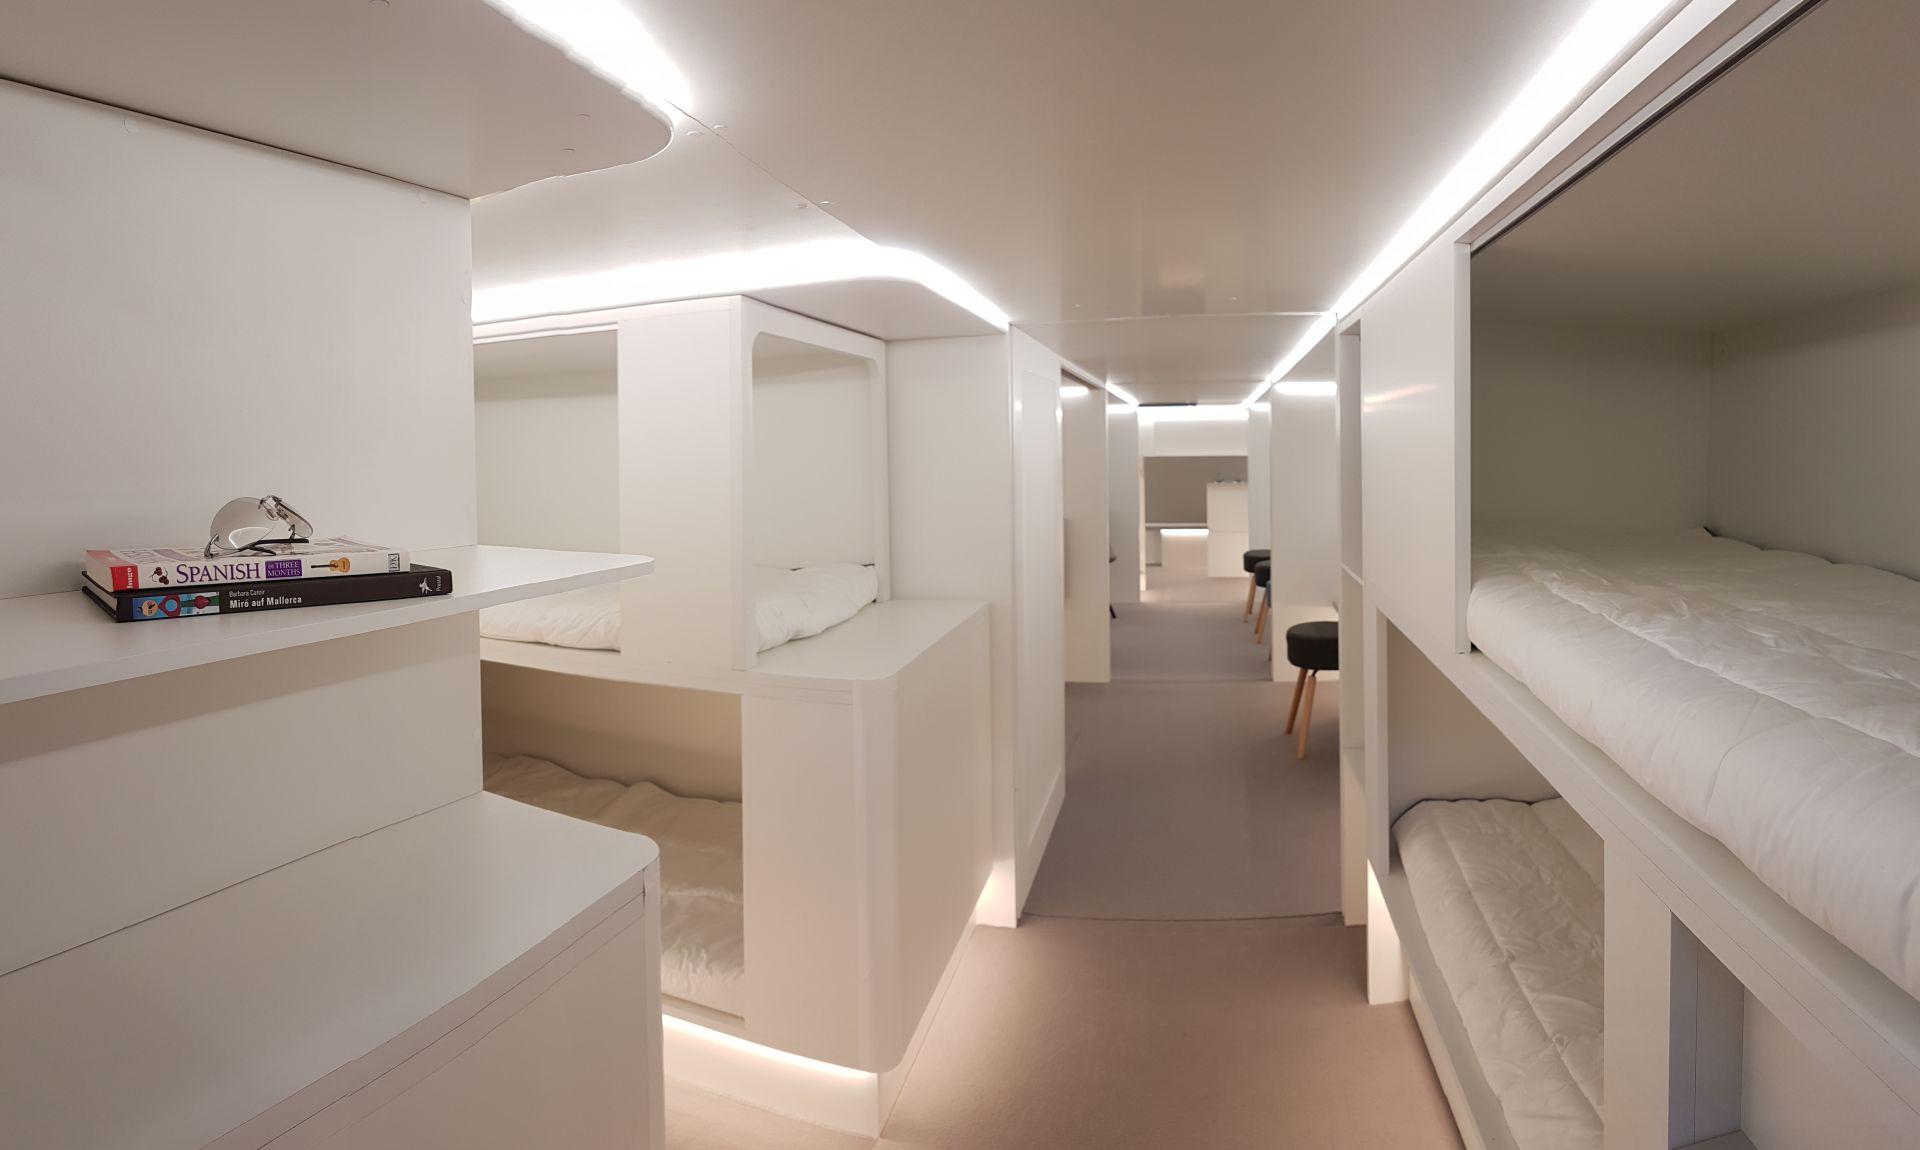 Modul do nákladového prostoru, kde by místo nákladu mohli spát cestující. Foto: Airbus